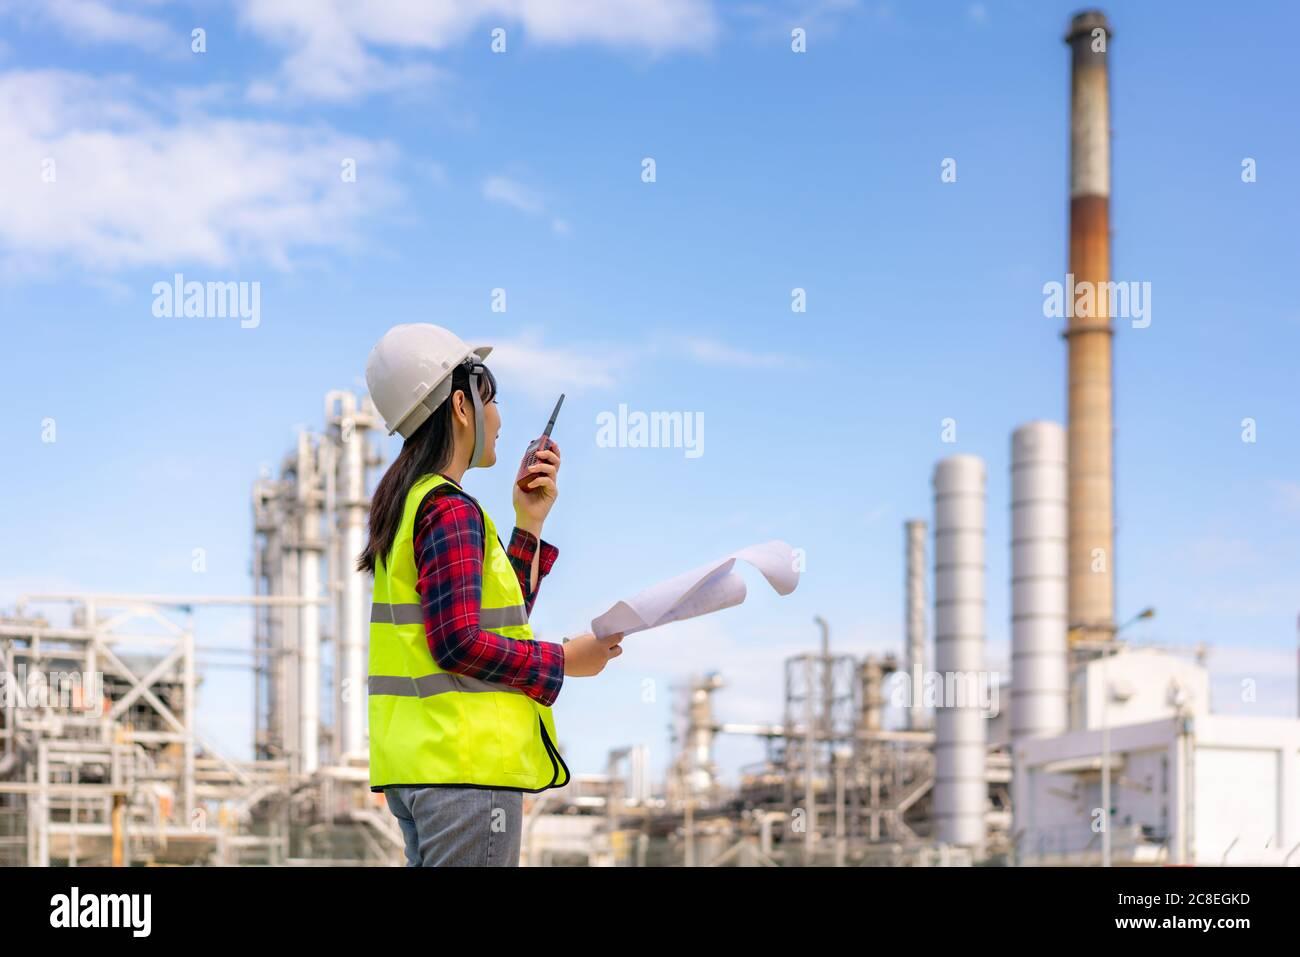 Femme asiatique technicien Ingénieur industriel utilisant walkie-talkie et tenant bluprint travaillant dans une raffinerie de pétrole pour l'étude de chantier de construction en ingénieur civil Banque D'Images